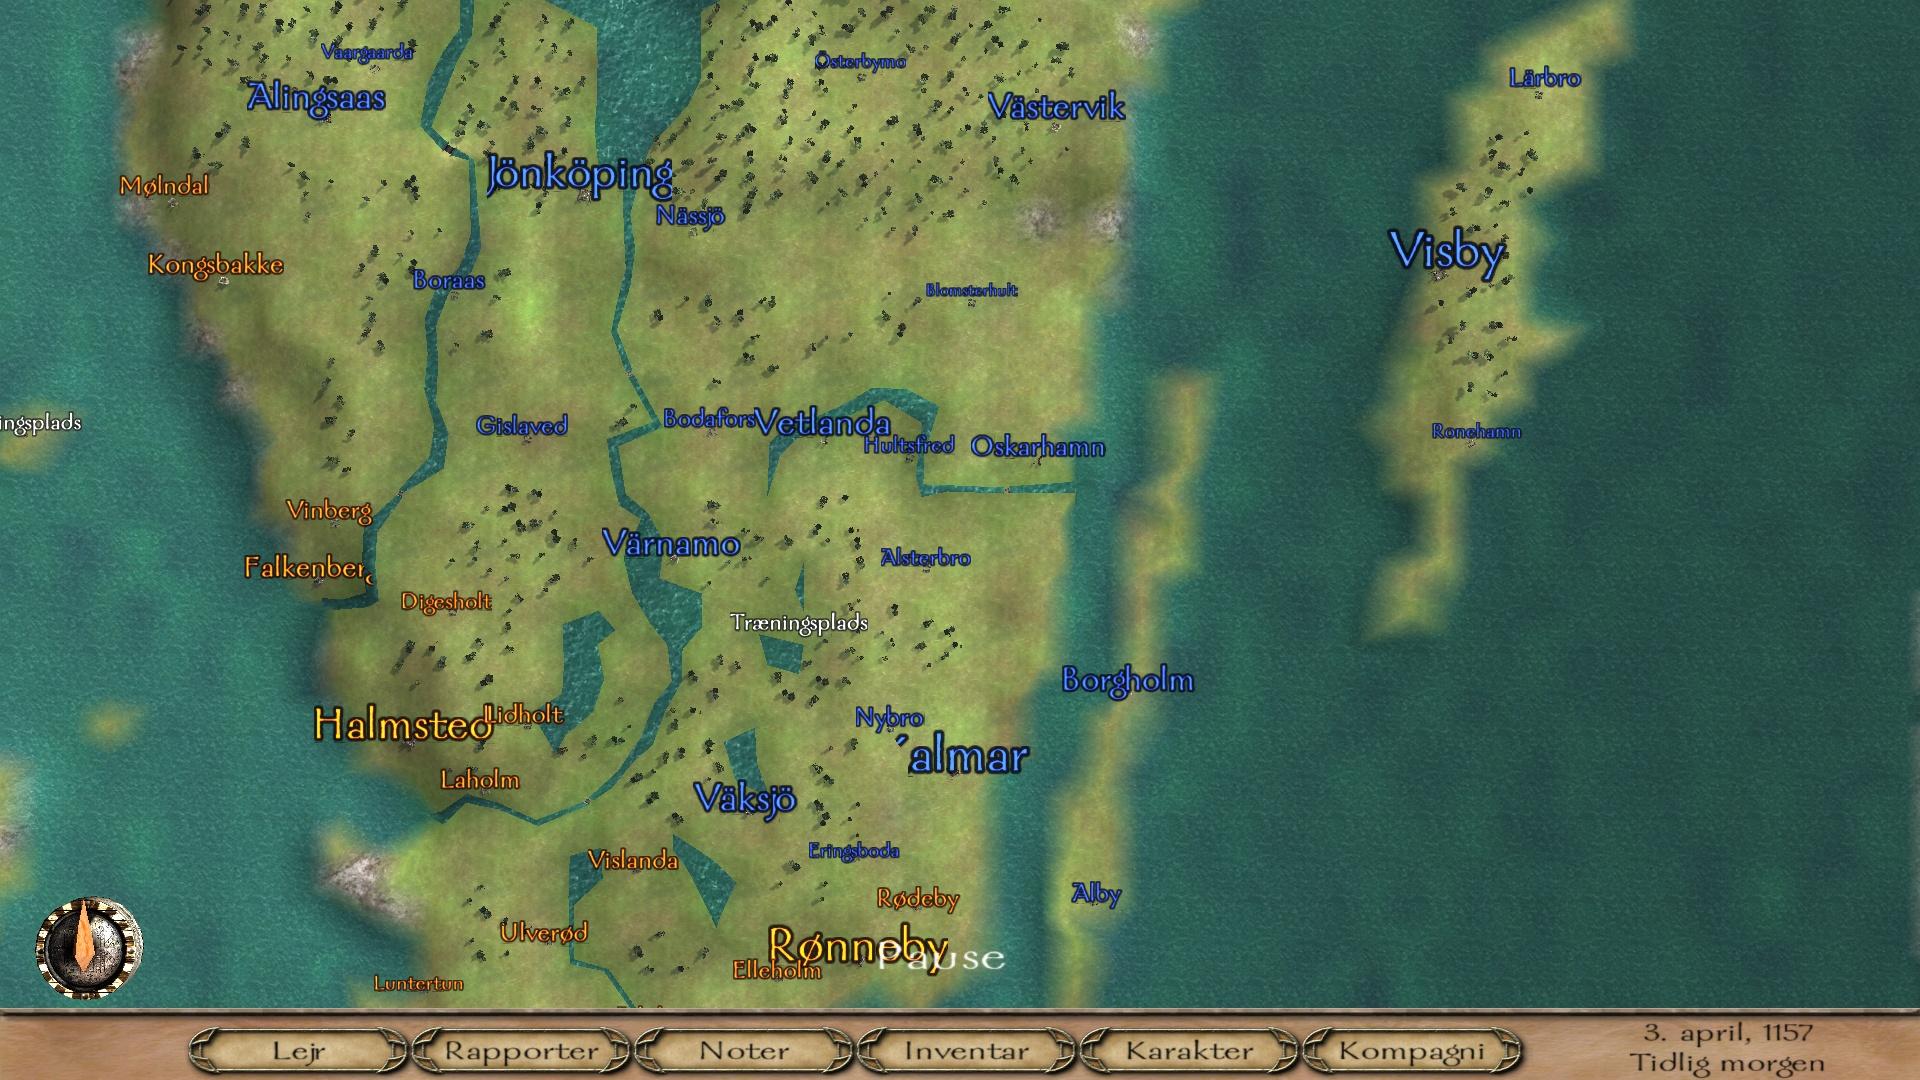 [SP][EN] Borgerkrigen 1157 (La guerra civil danesa 1157) Mb5